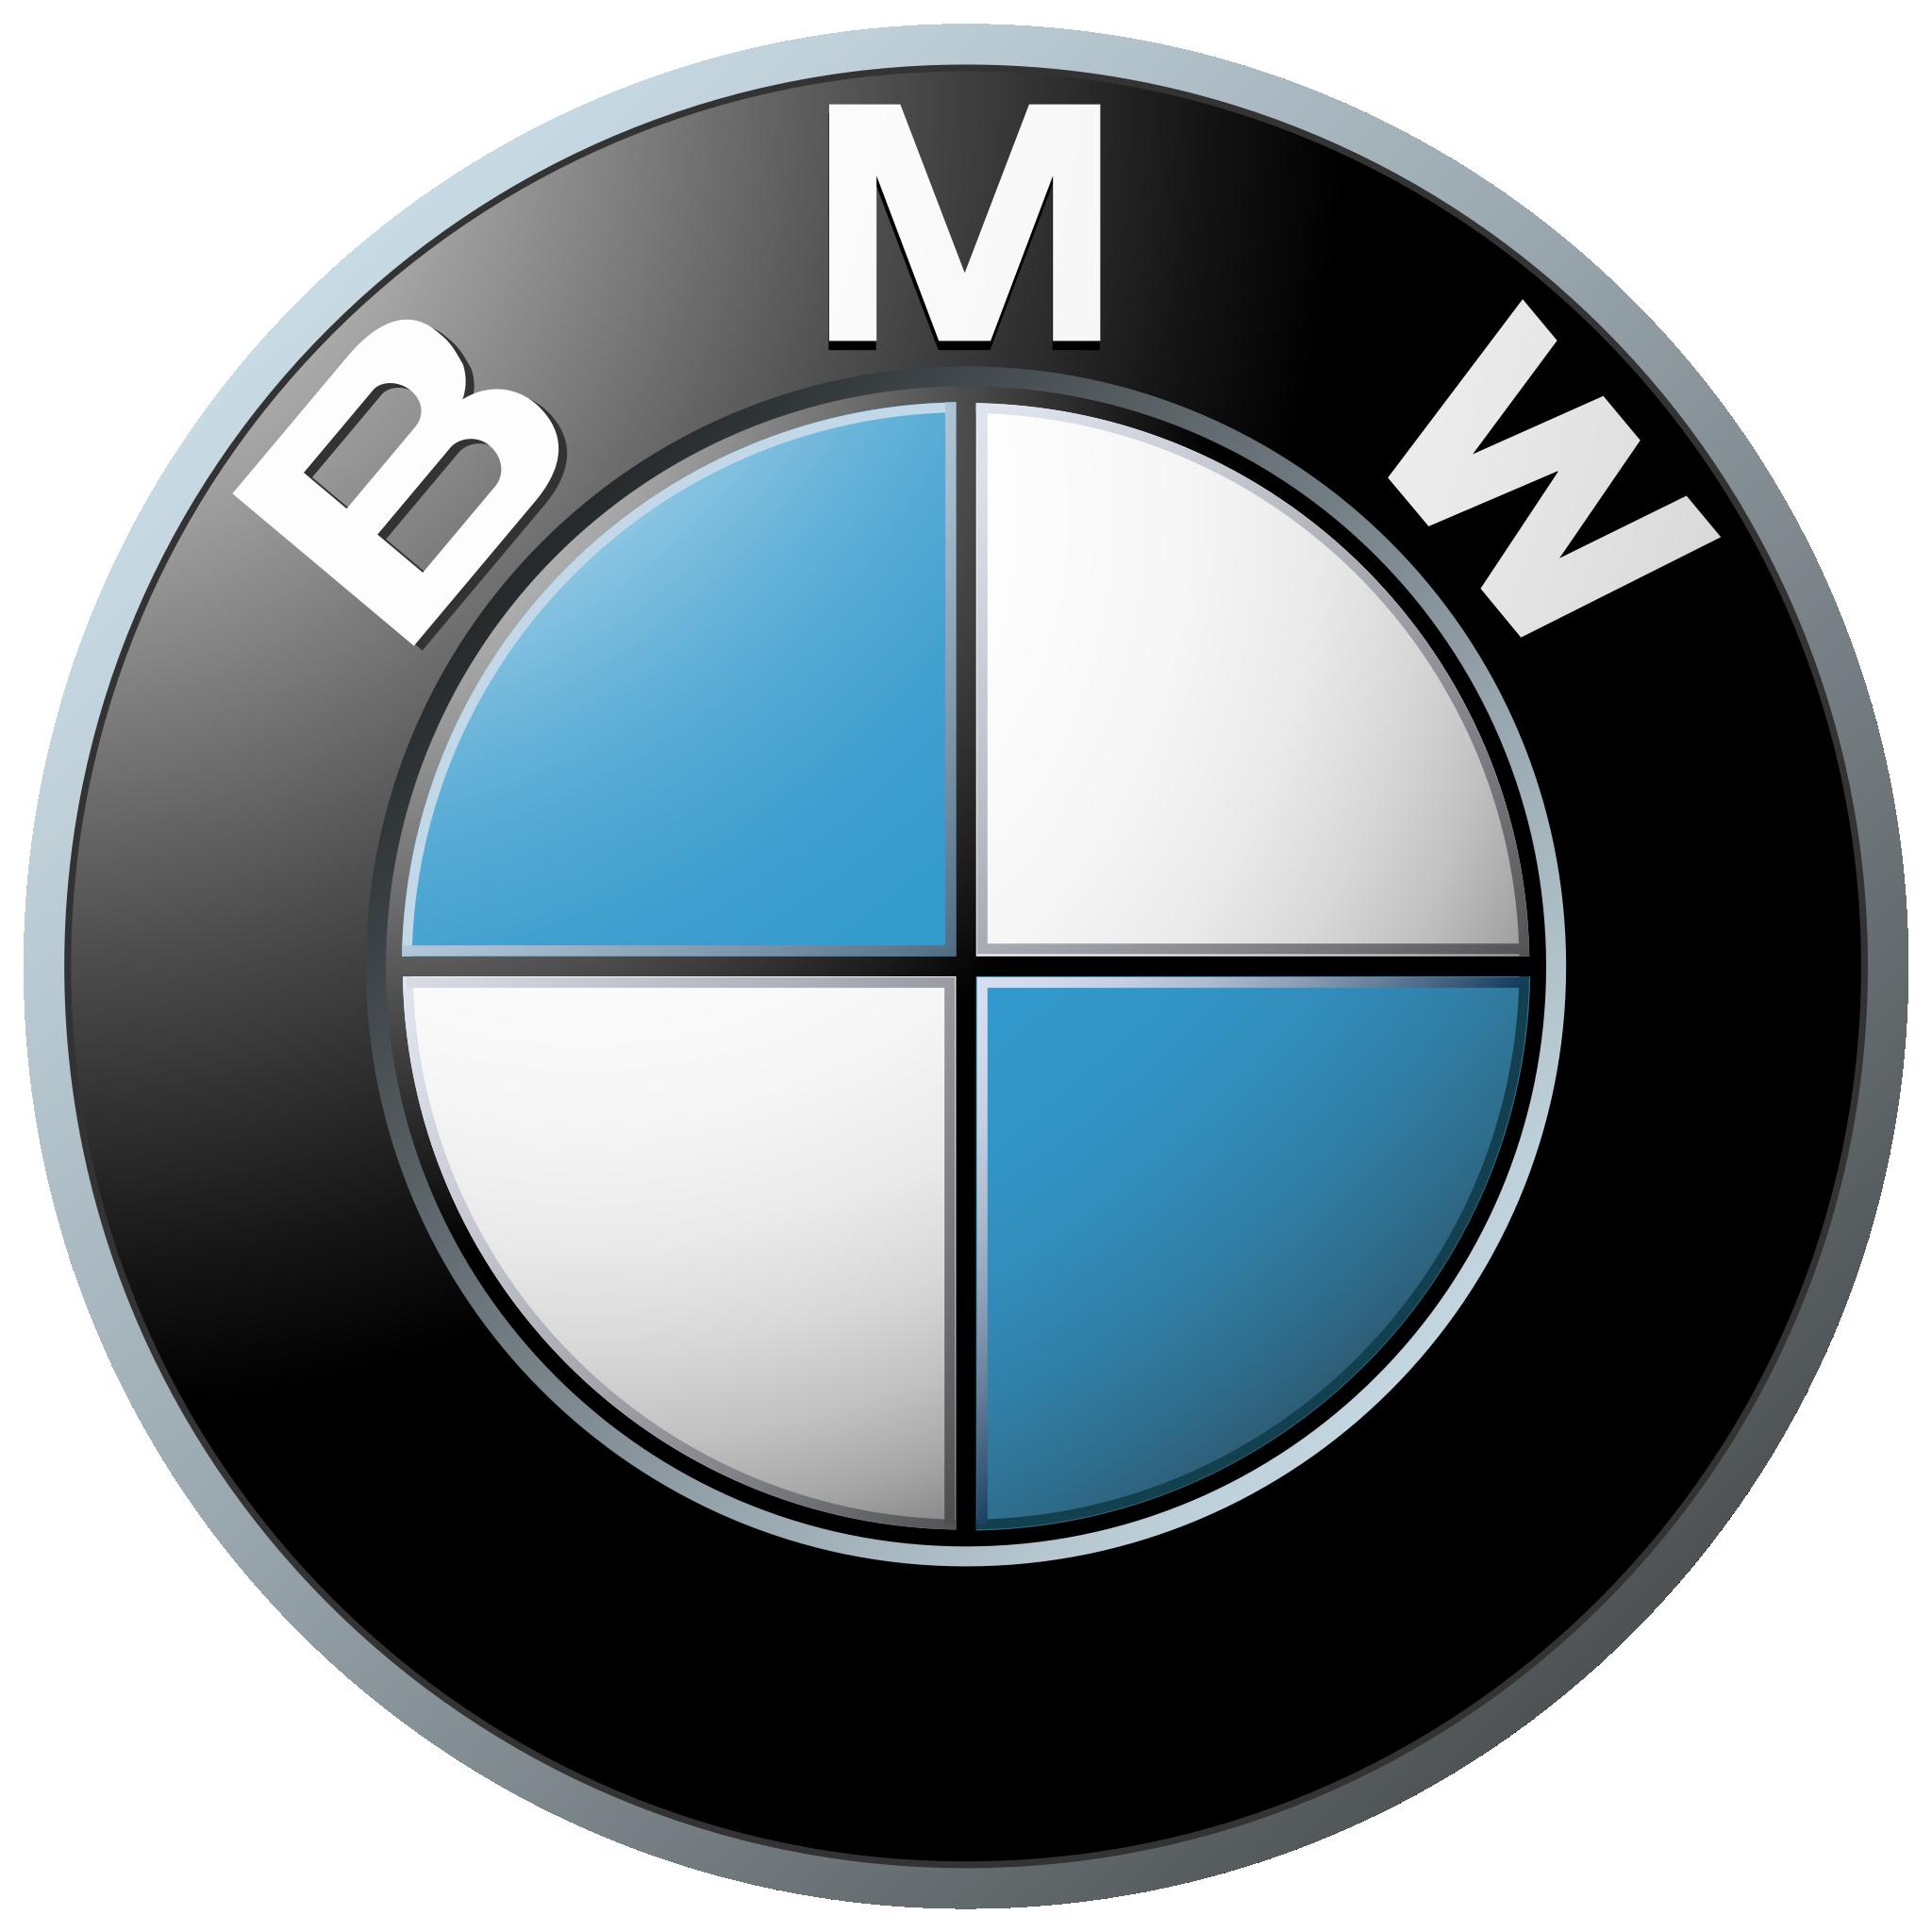 bmw_logo_PNG19707